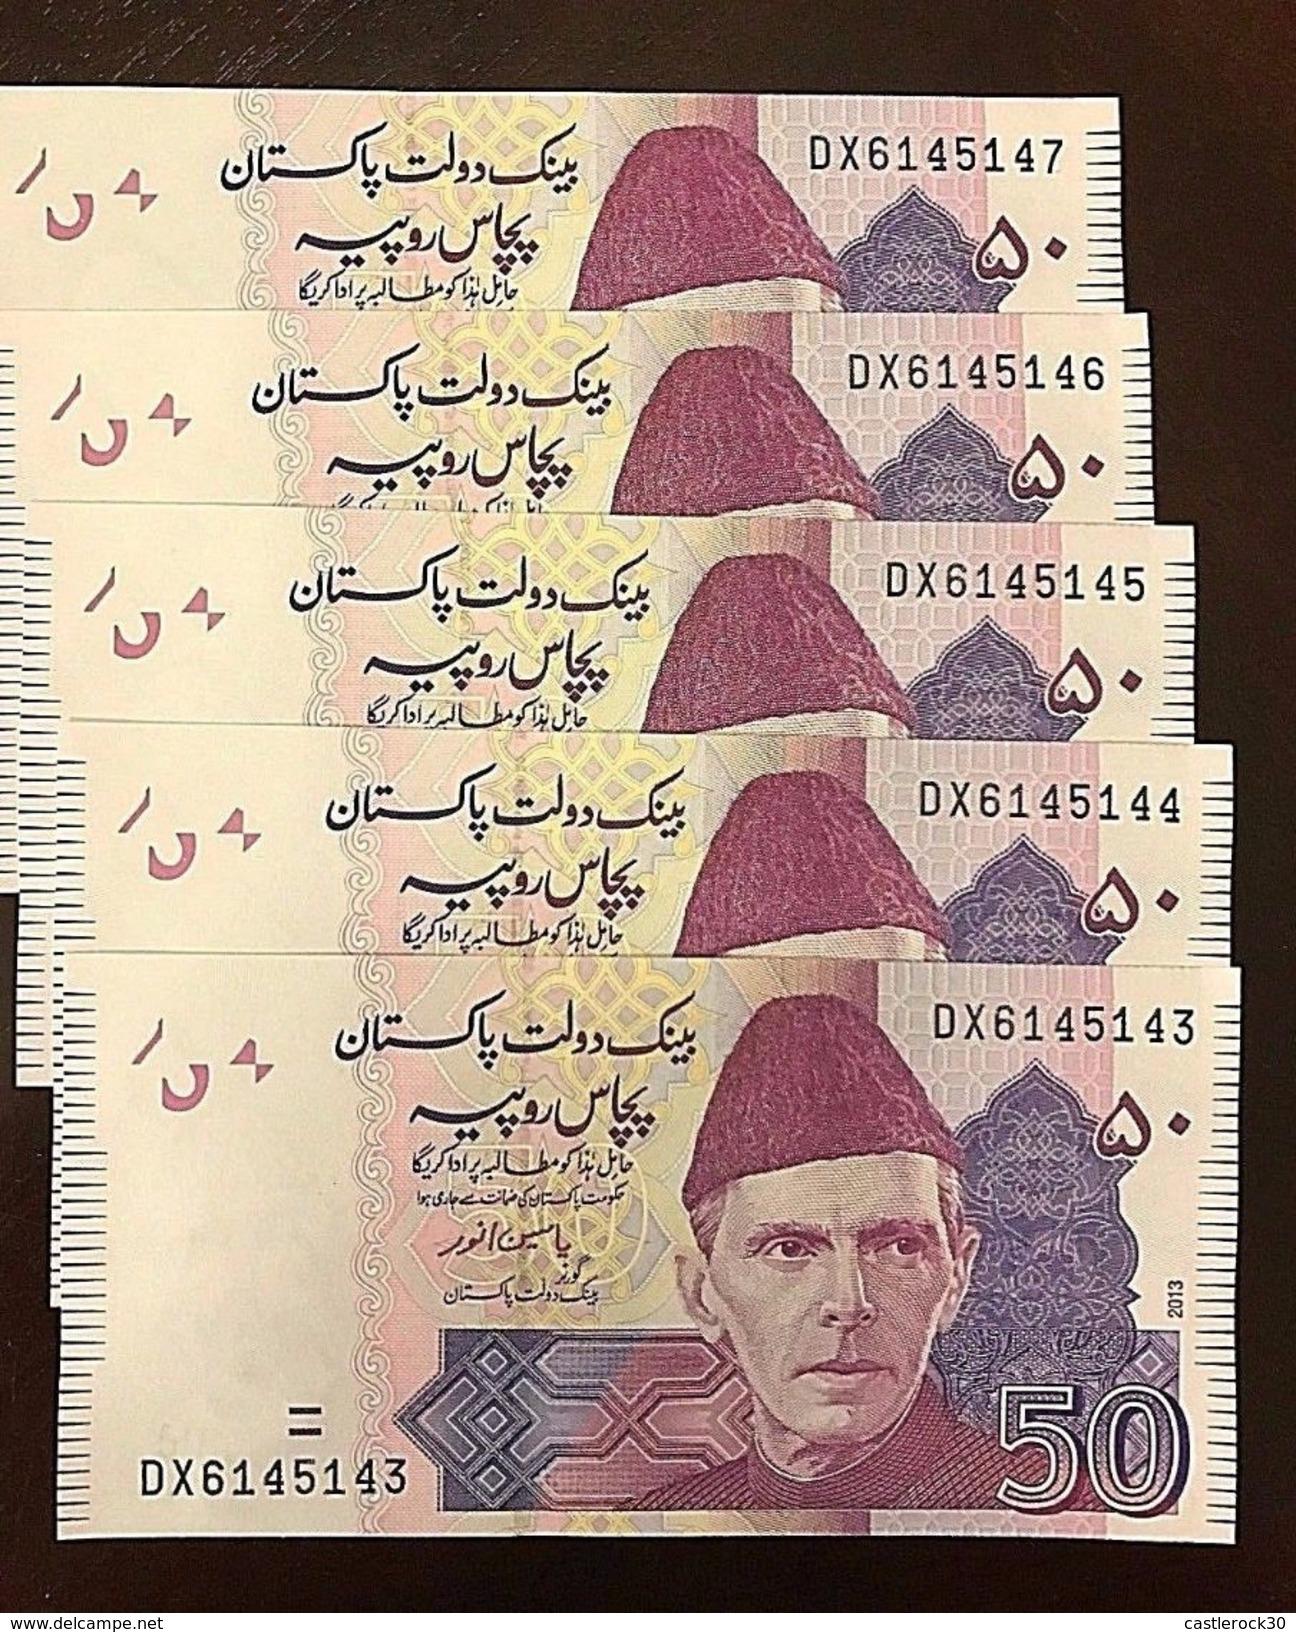 C) PAKISTAN BANK NOTES 50 RUPEES ND 2013 - Pakistan